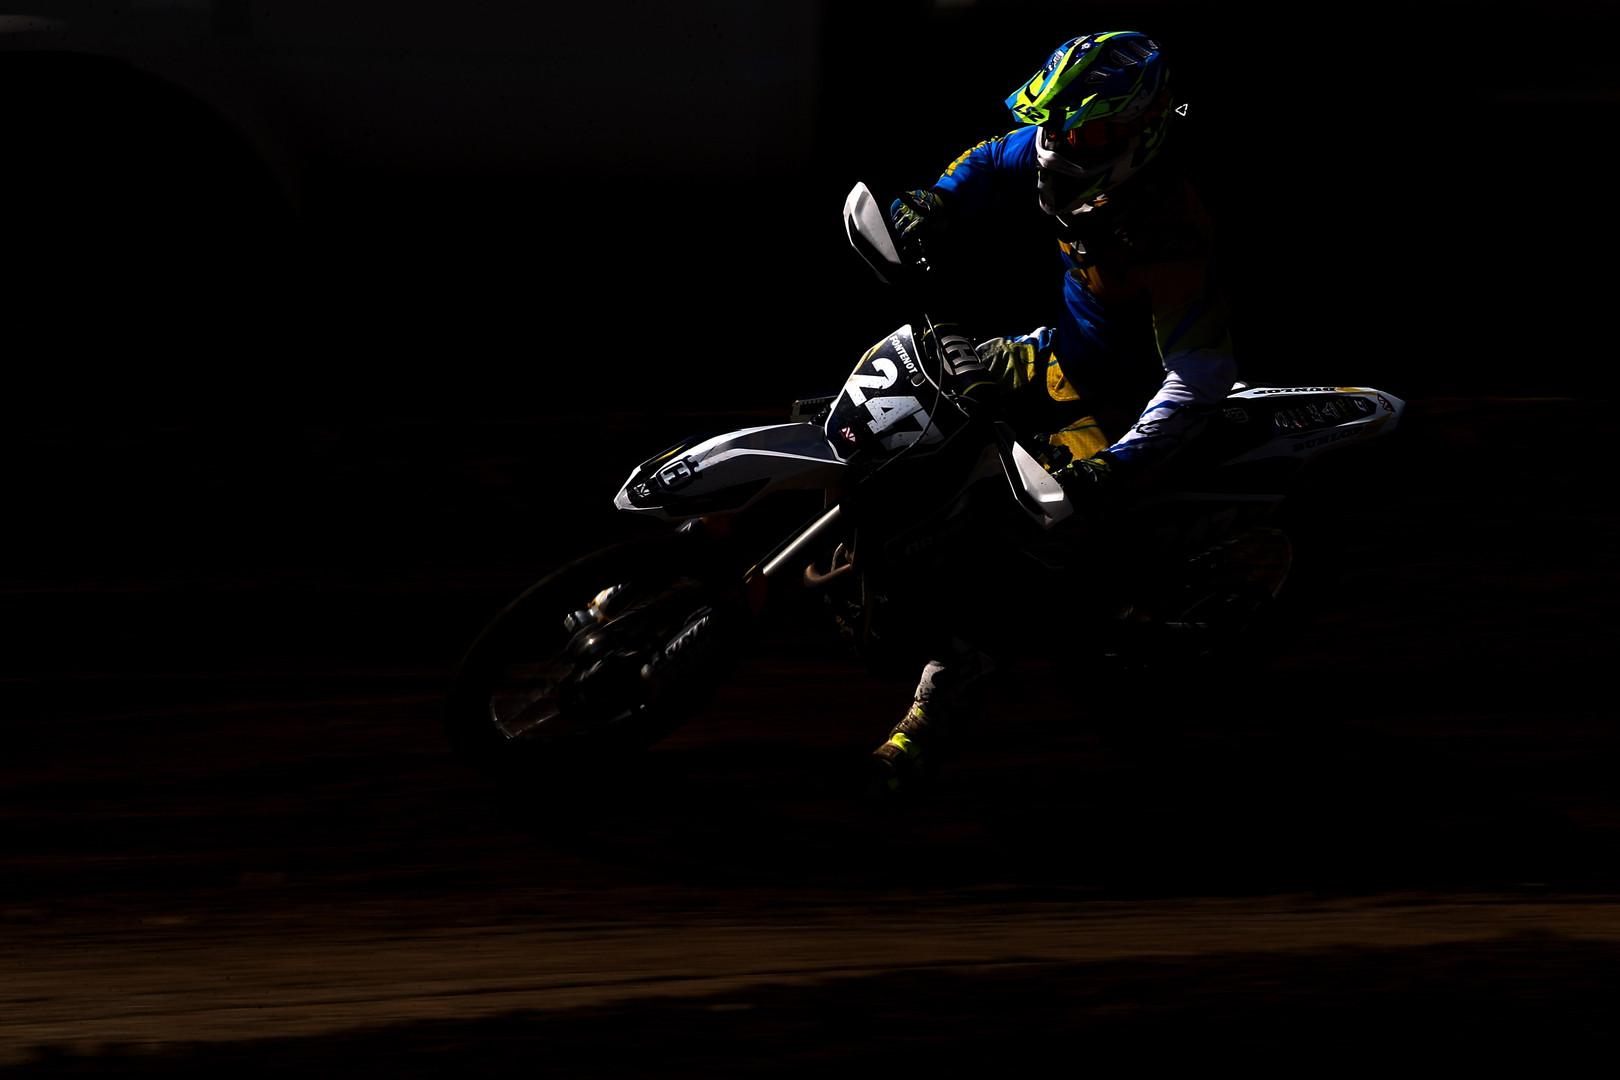 Spotlight Racing